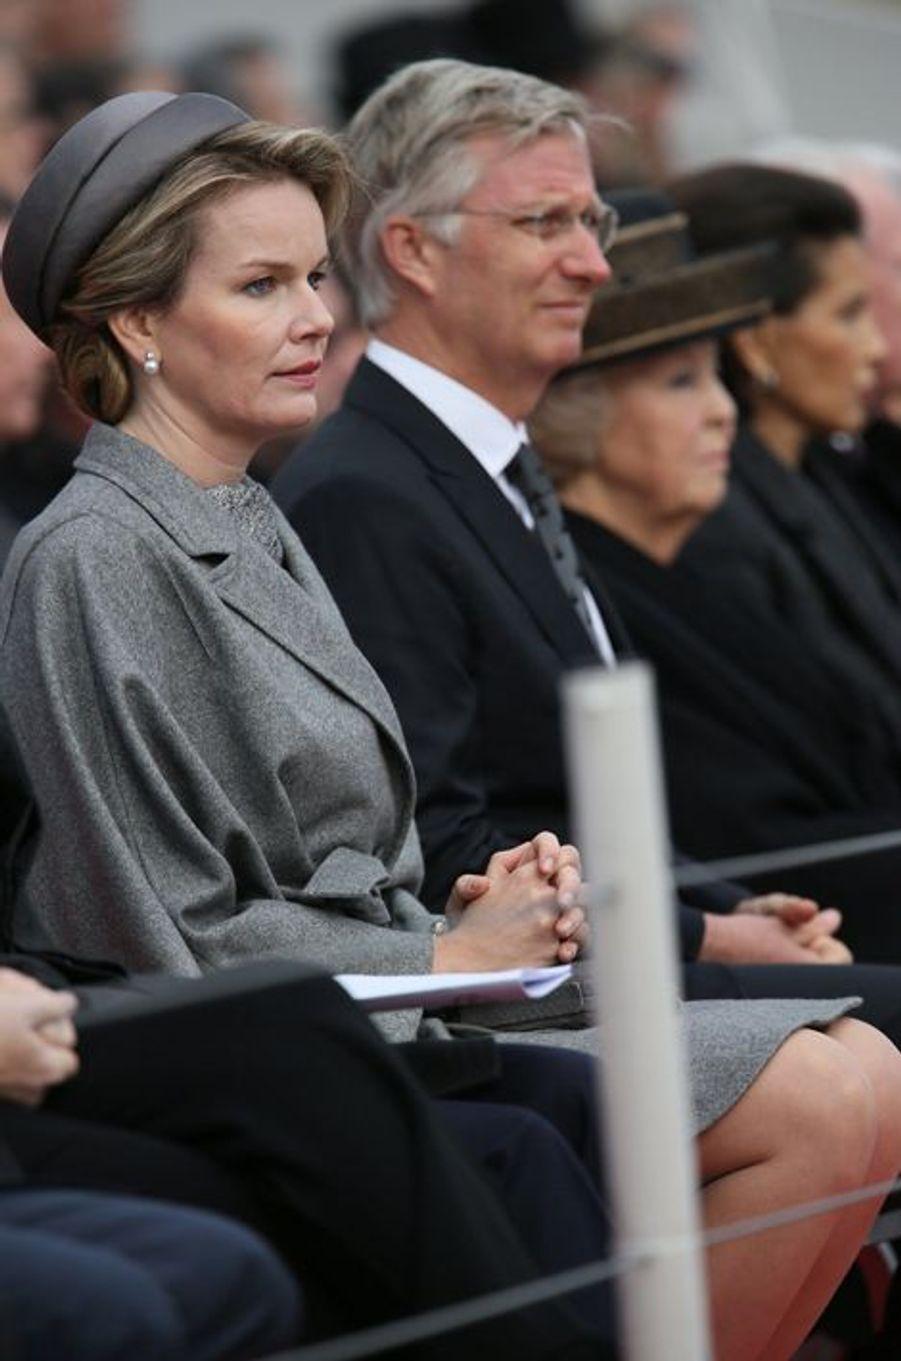 La reine Mathilde, le roi Philippe de Belgique et la princesse Beatrix des Pays-Bas à Nieuwpoort, le 28 octobre 2014